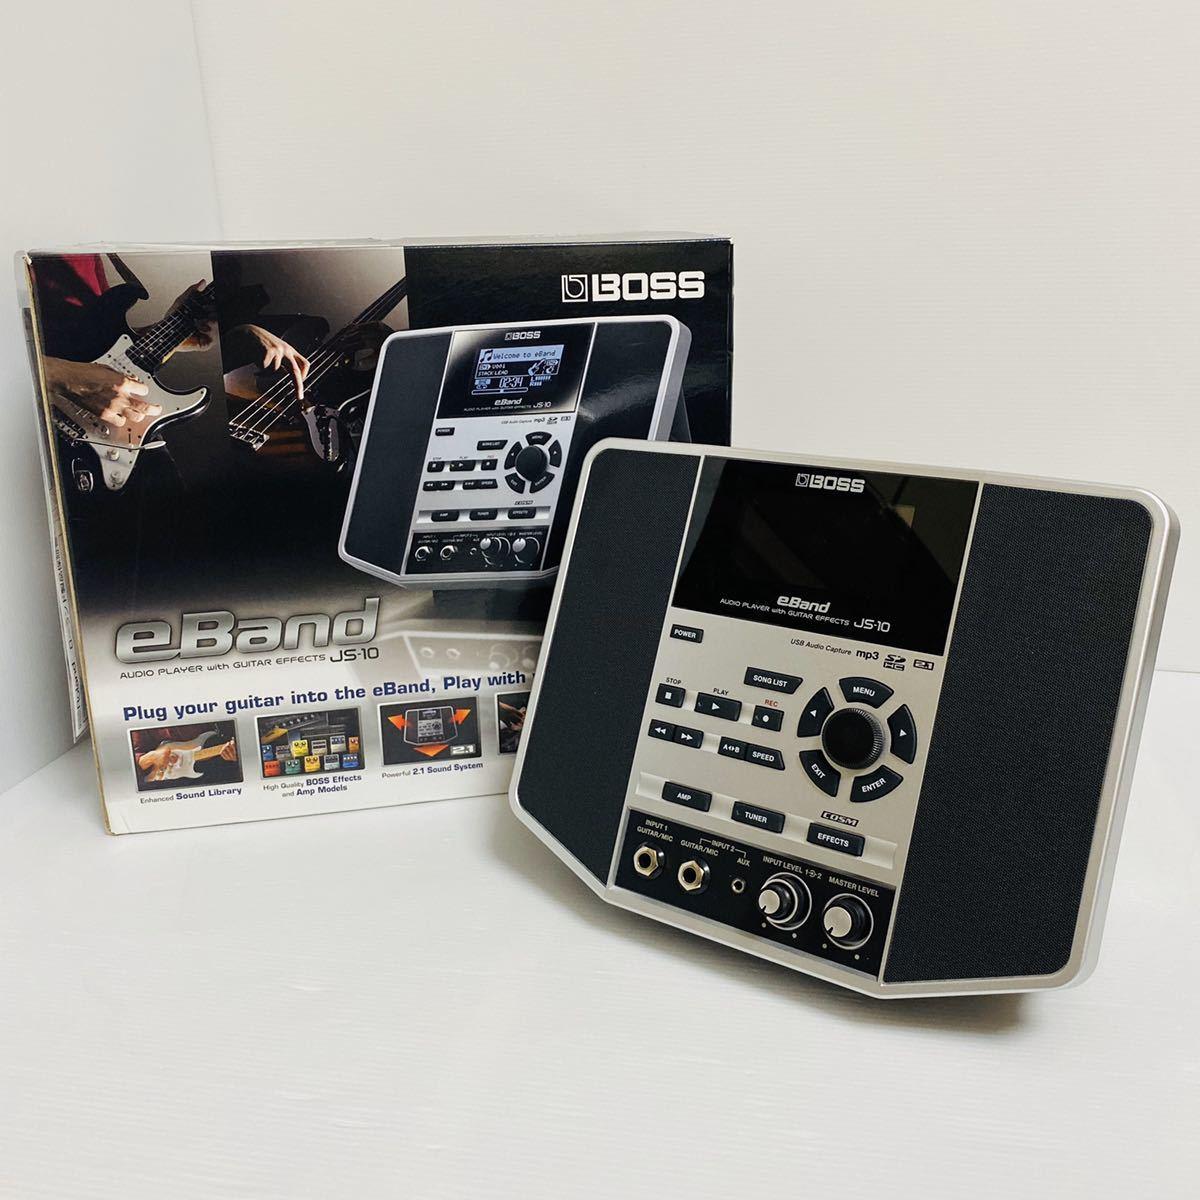 【美品】BOSS■eBand JS-10 ギター用オーディオプレーヤー